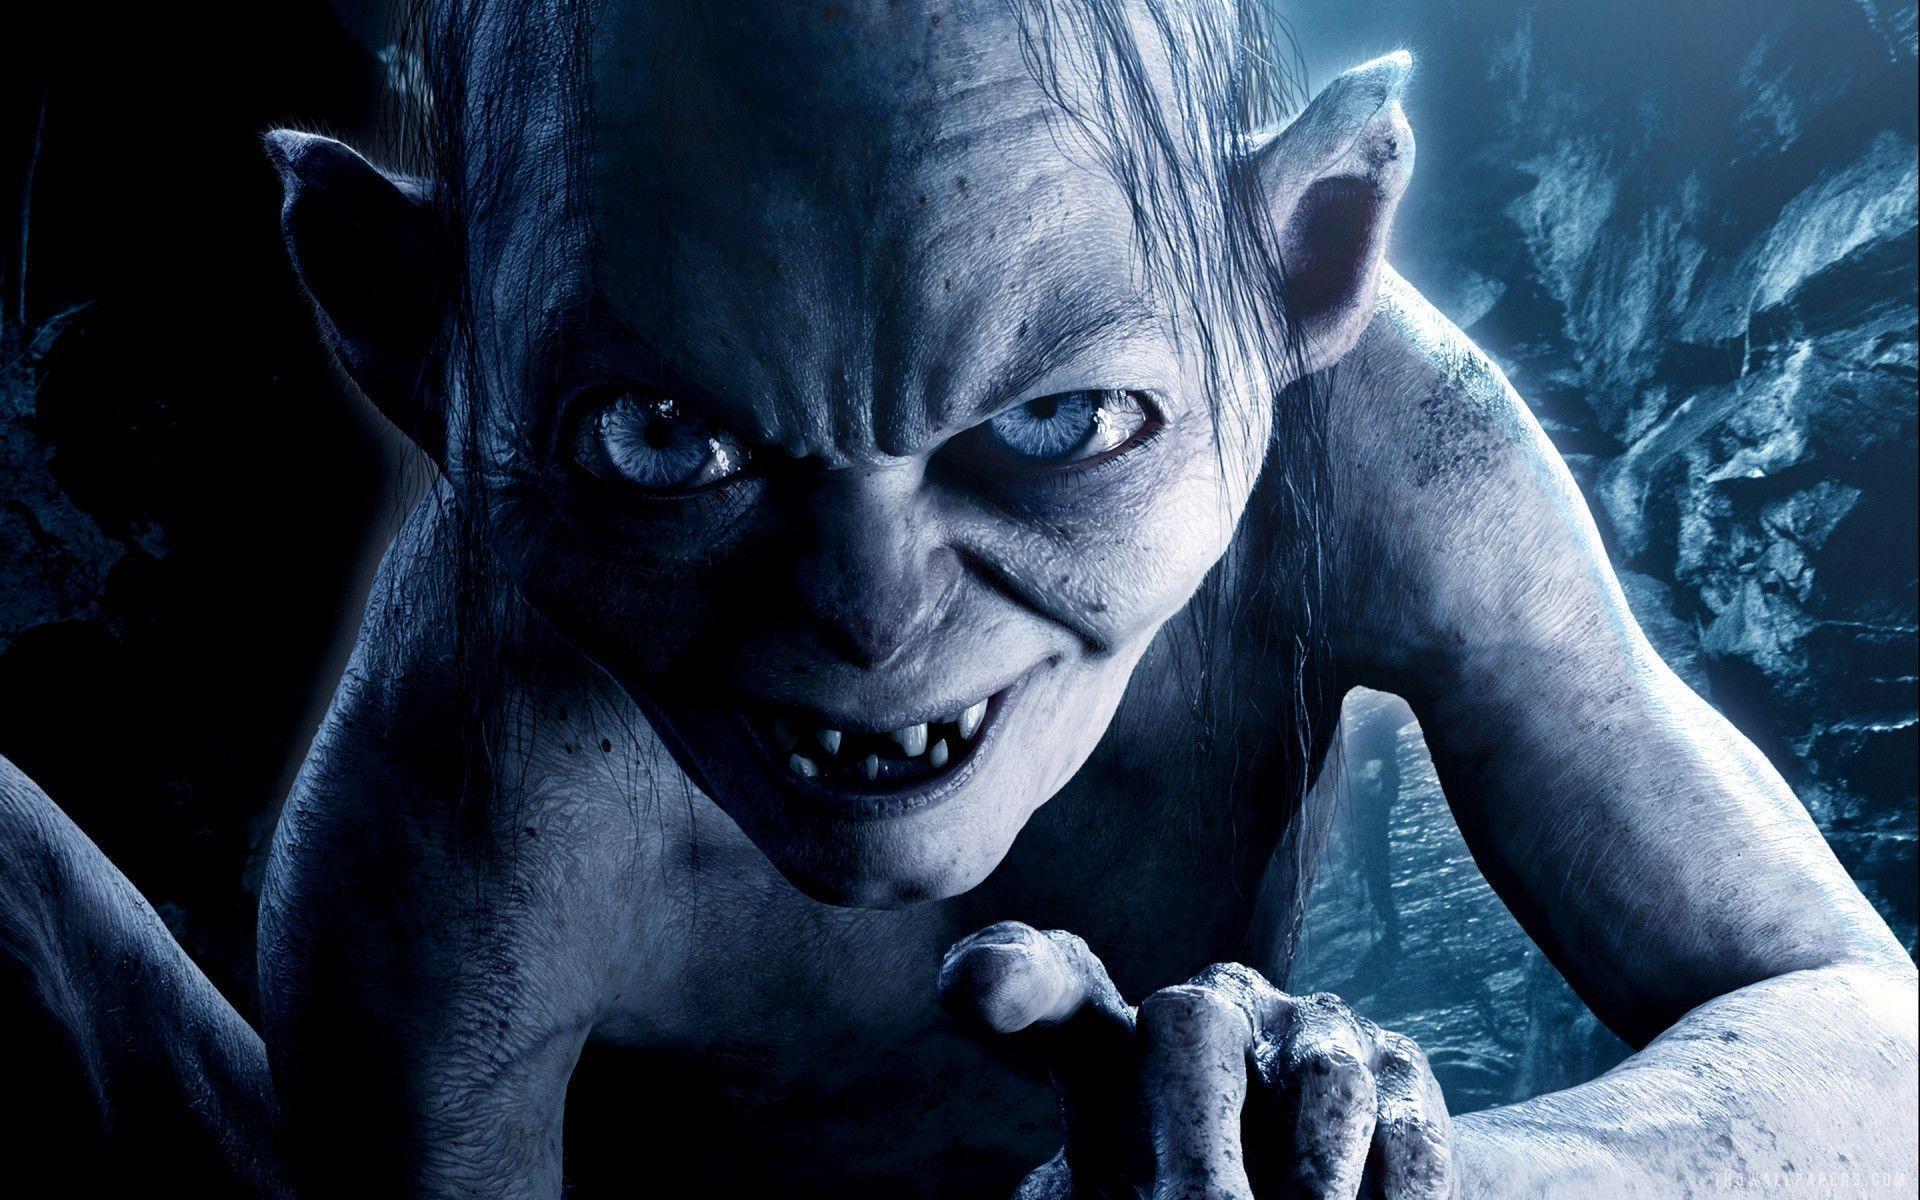 Pán prstenů: Vrátí se Glum v podání Andyho Serkise? | Fandíme filmu